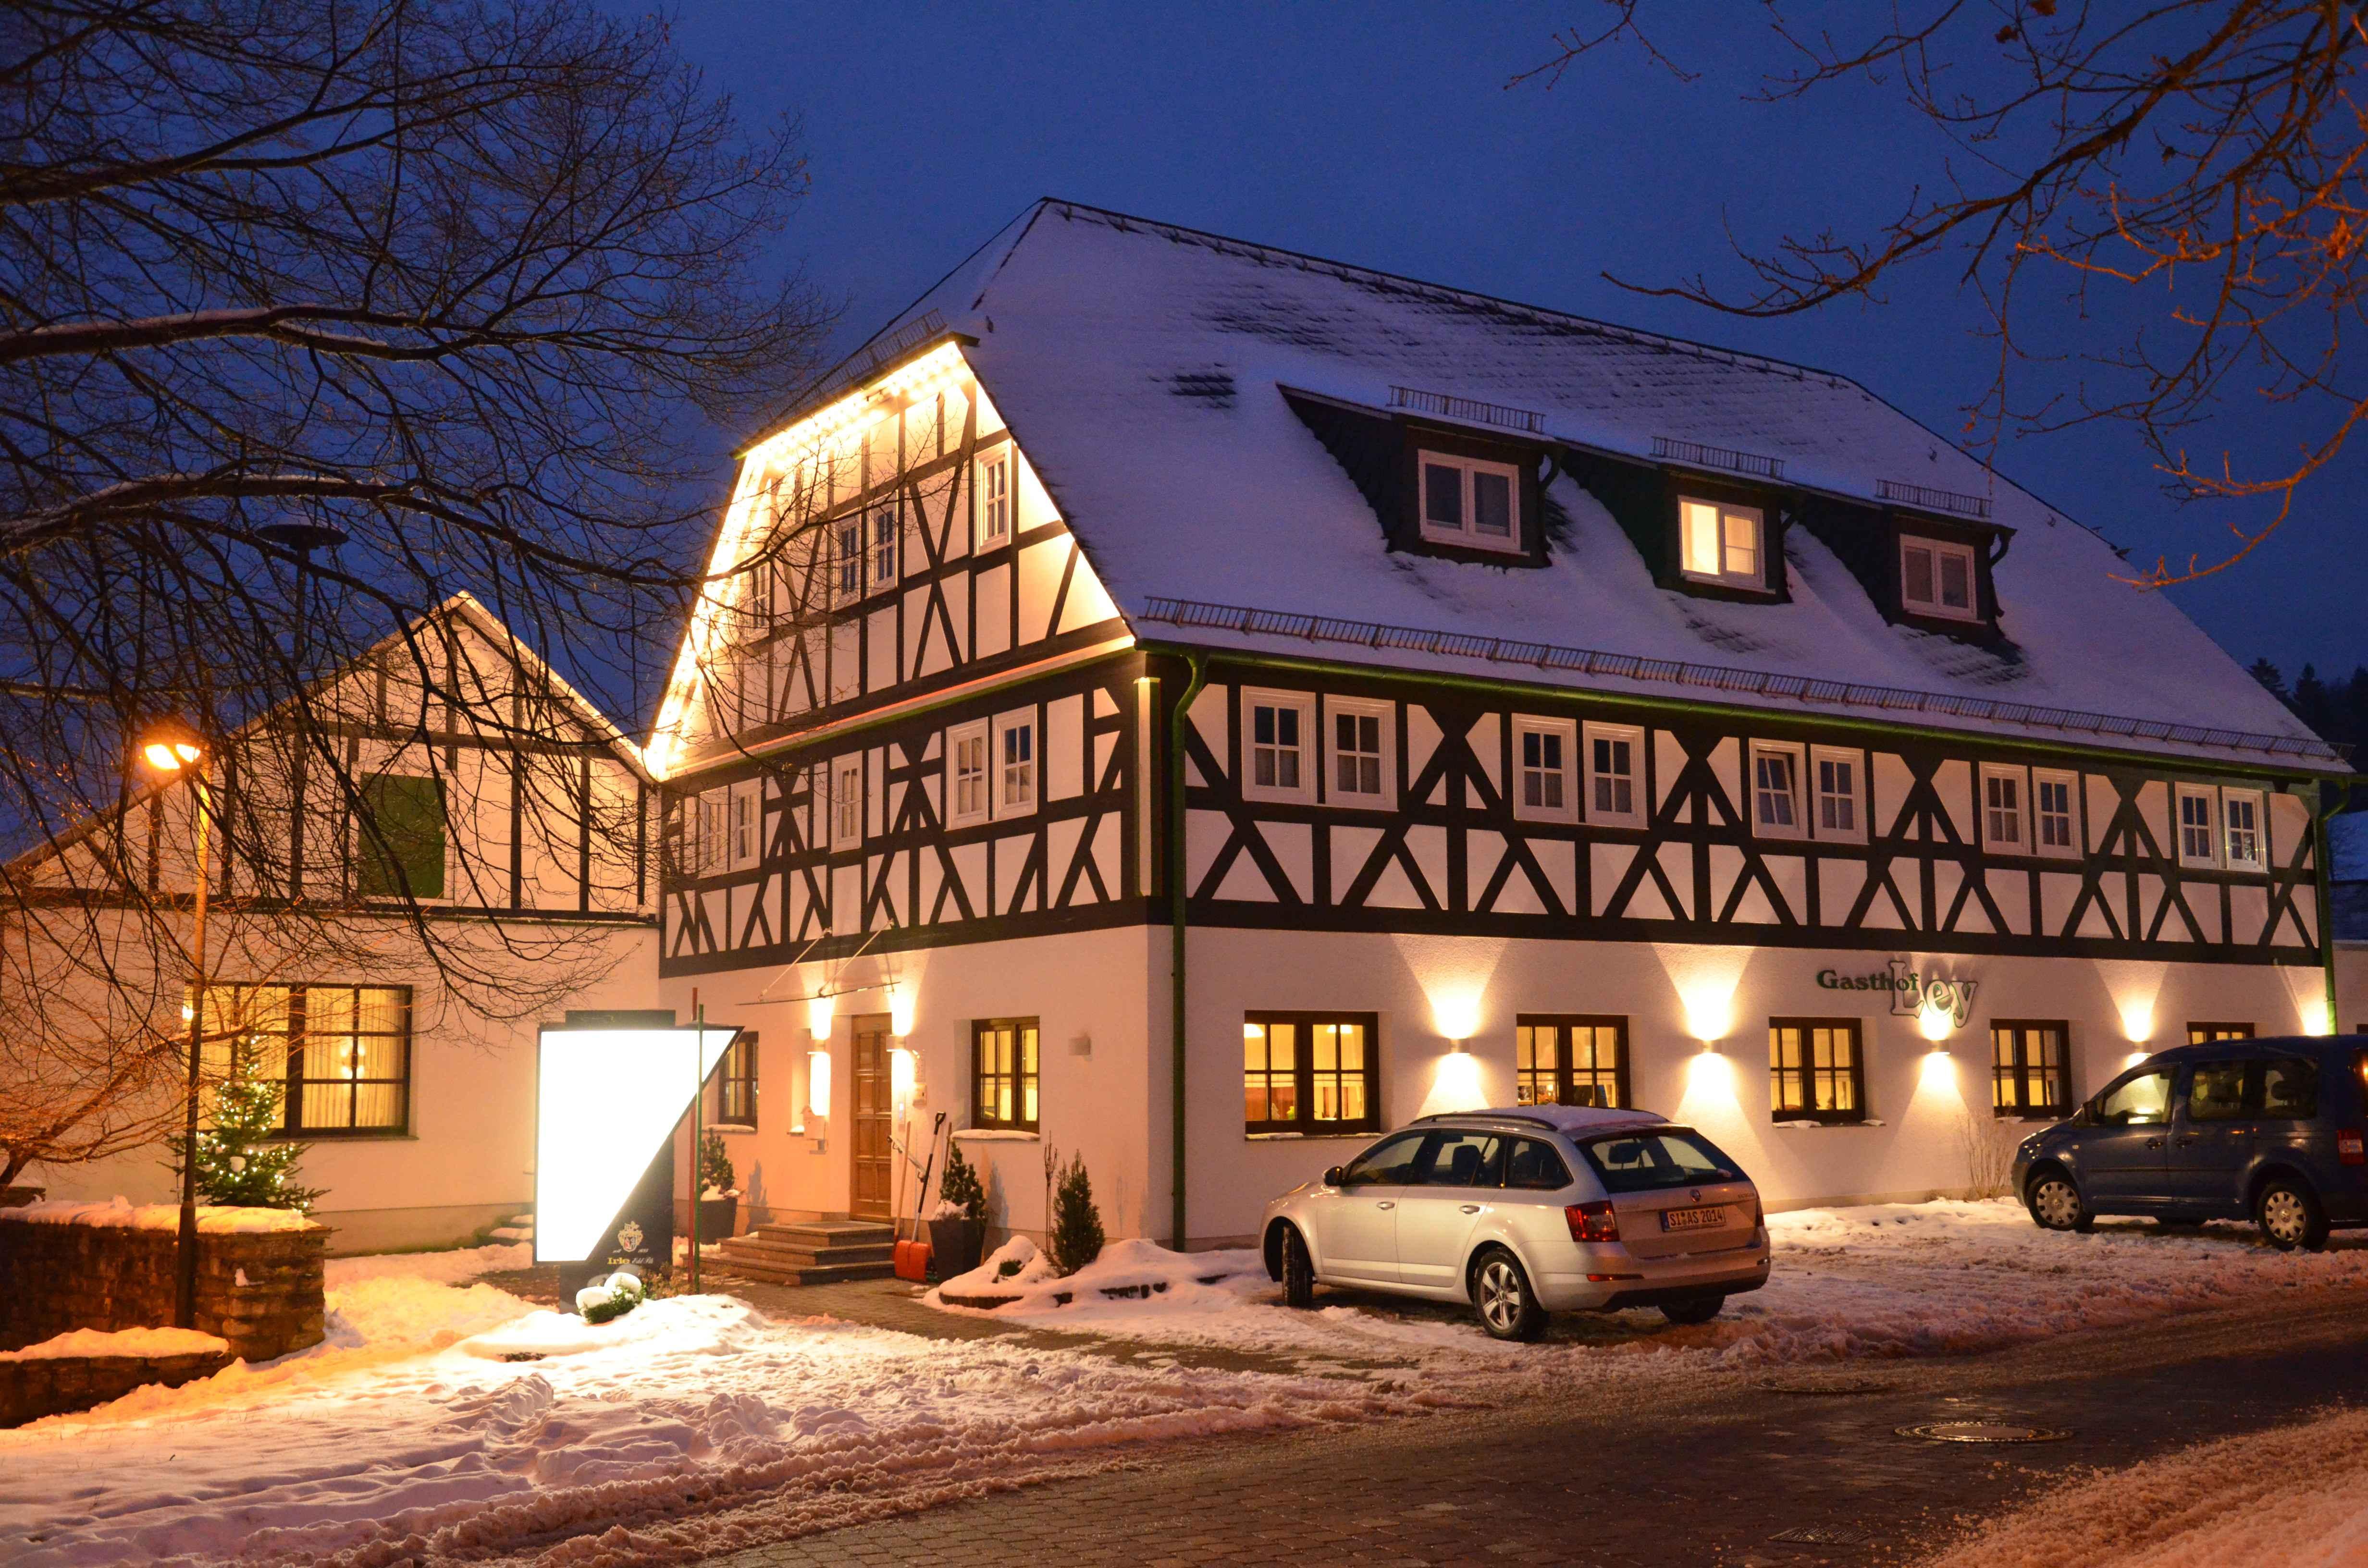 Gasthof Ley: Ein Stück Heimatgeschichte